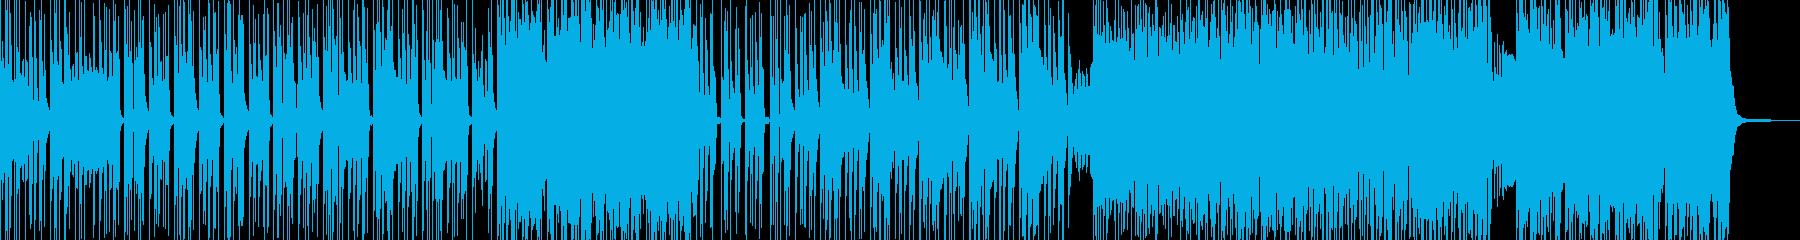 無機質&異次元・妖艶なヒップホップ Aの再生済みの波形